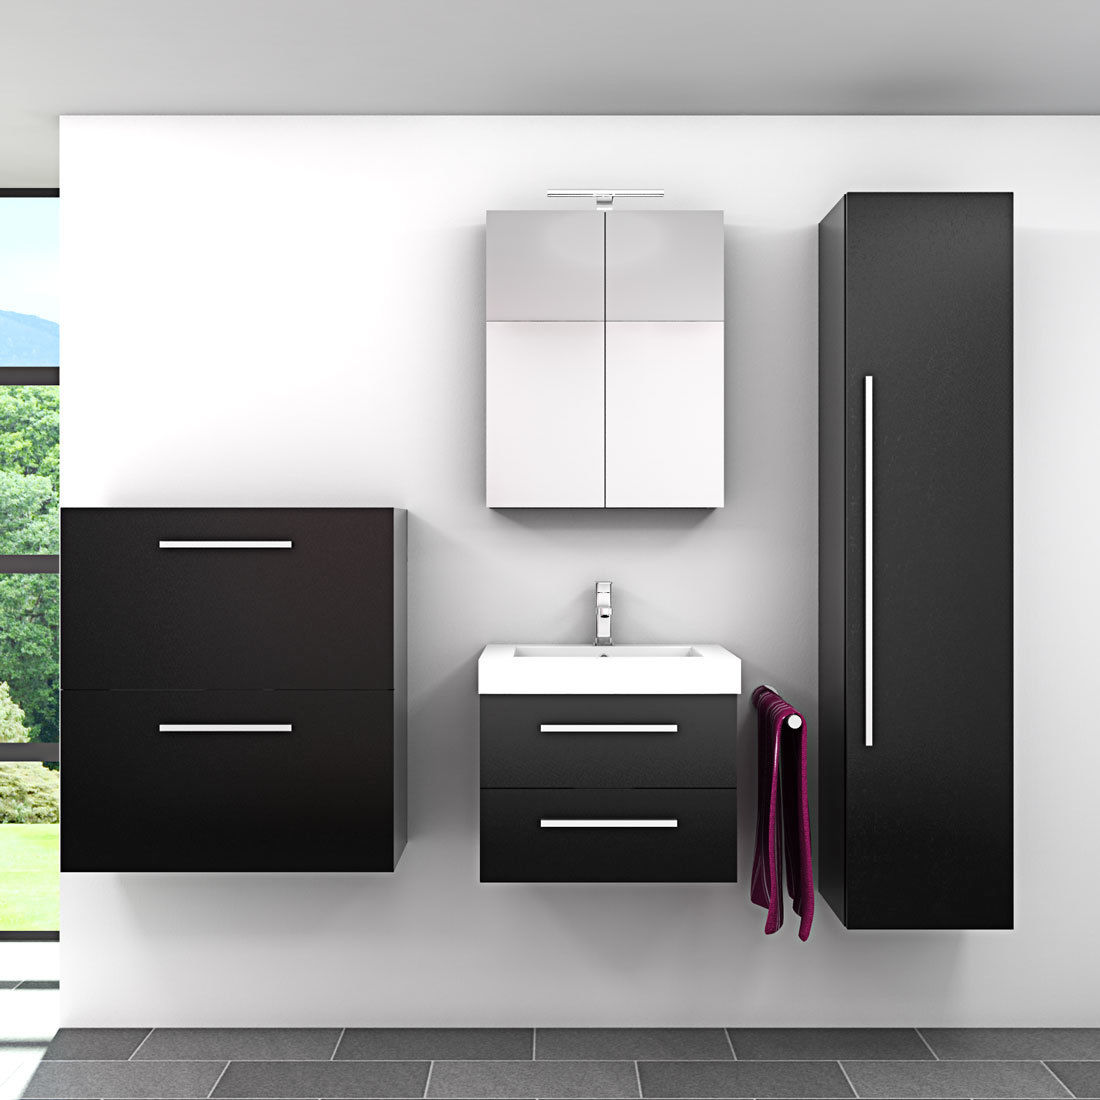 Full Size of Hngeschrank Mehr Als 5000 Angebote Singleküche Mit E Geräten Kühlschrank Roller Regale Wohnzimmer Roller Singleküche Sonea